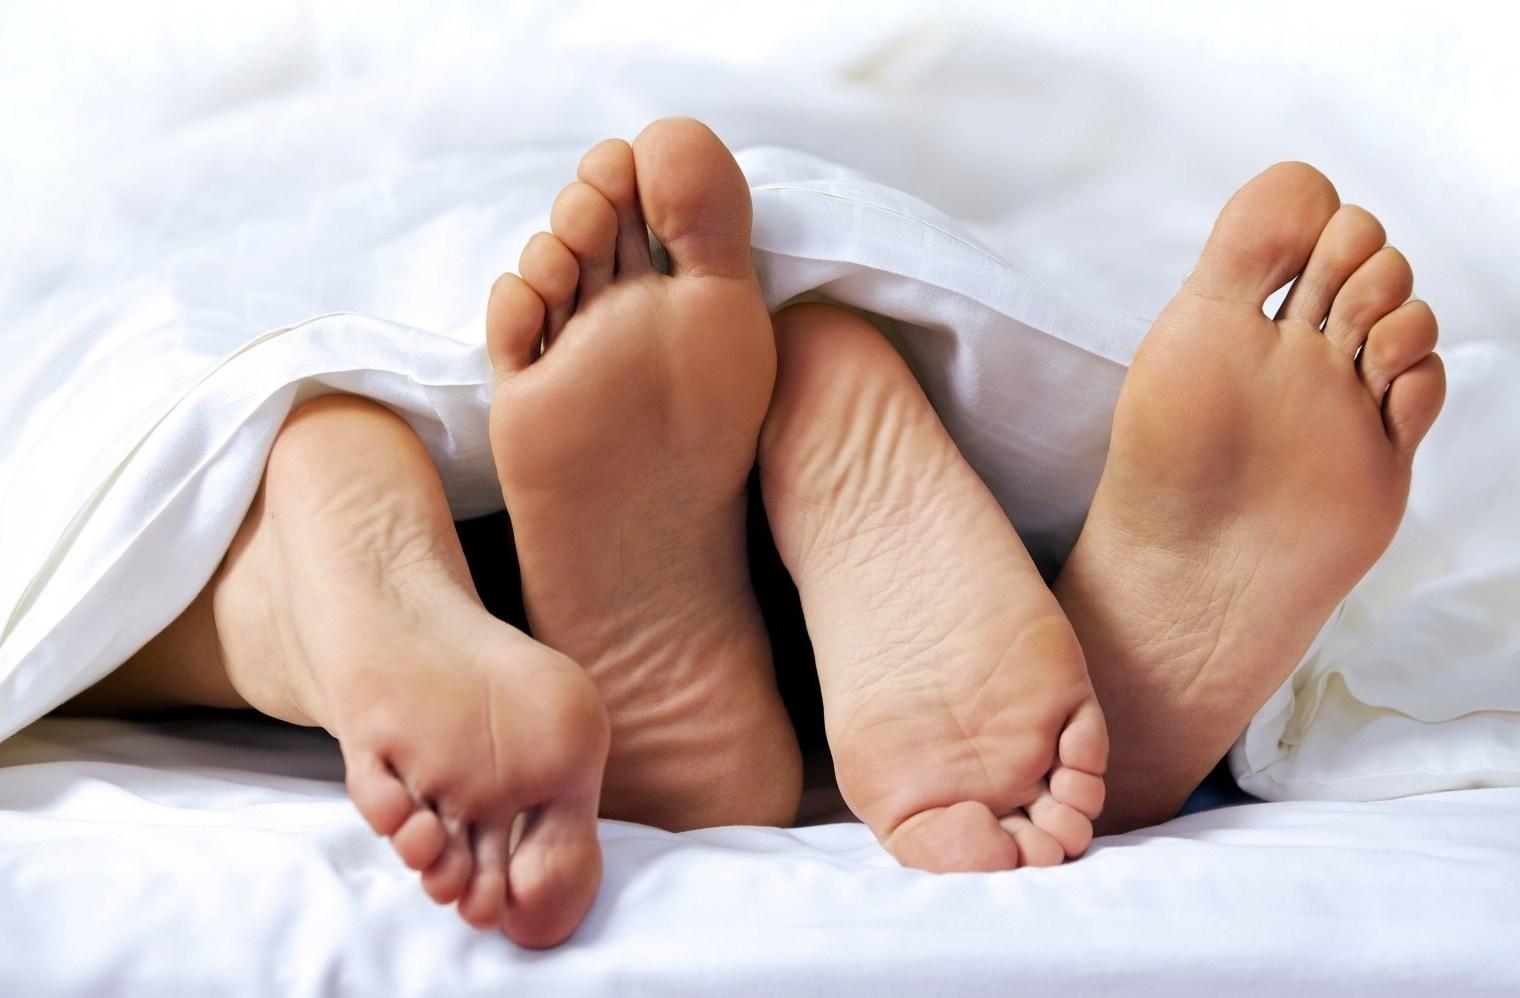 بالفيديو وللمتزوجين فقط.. فوائد الجنس في الصباح!